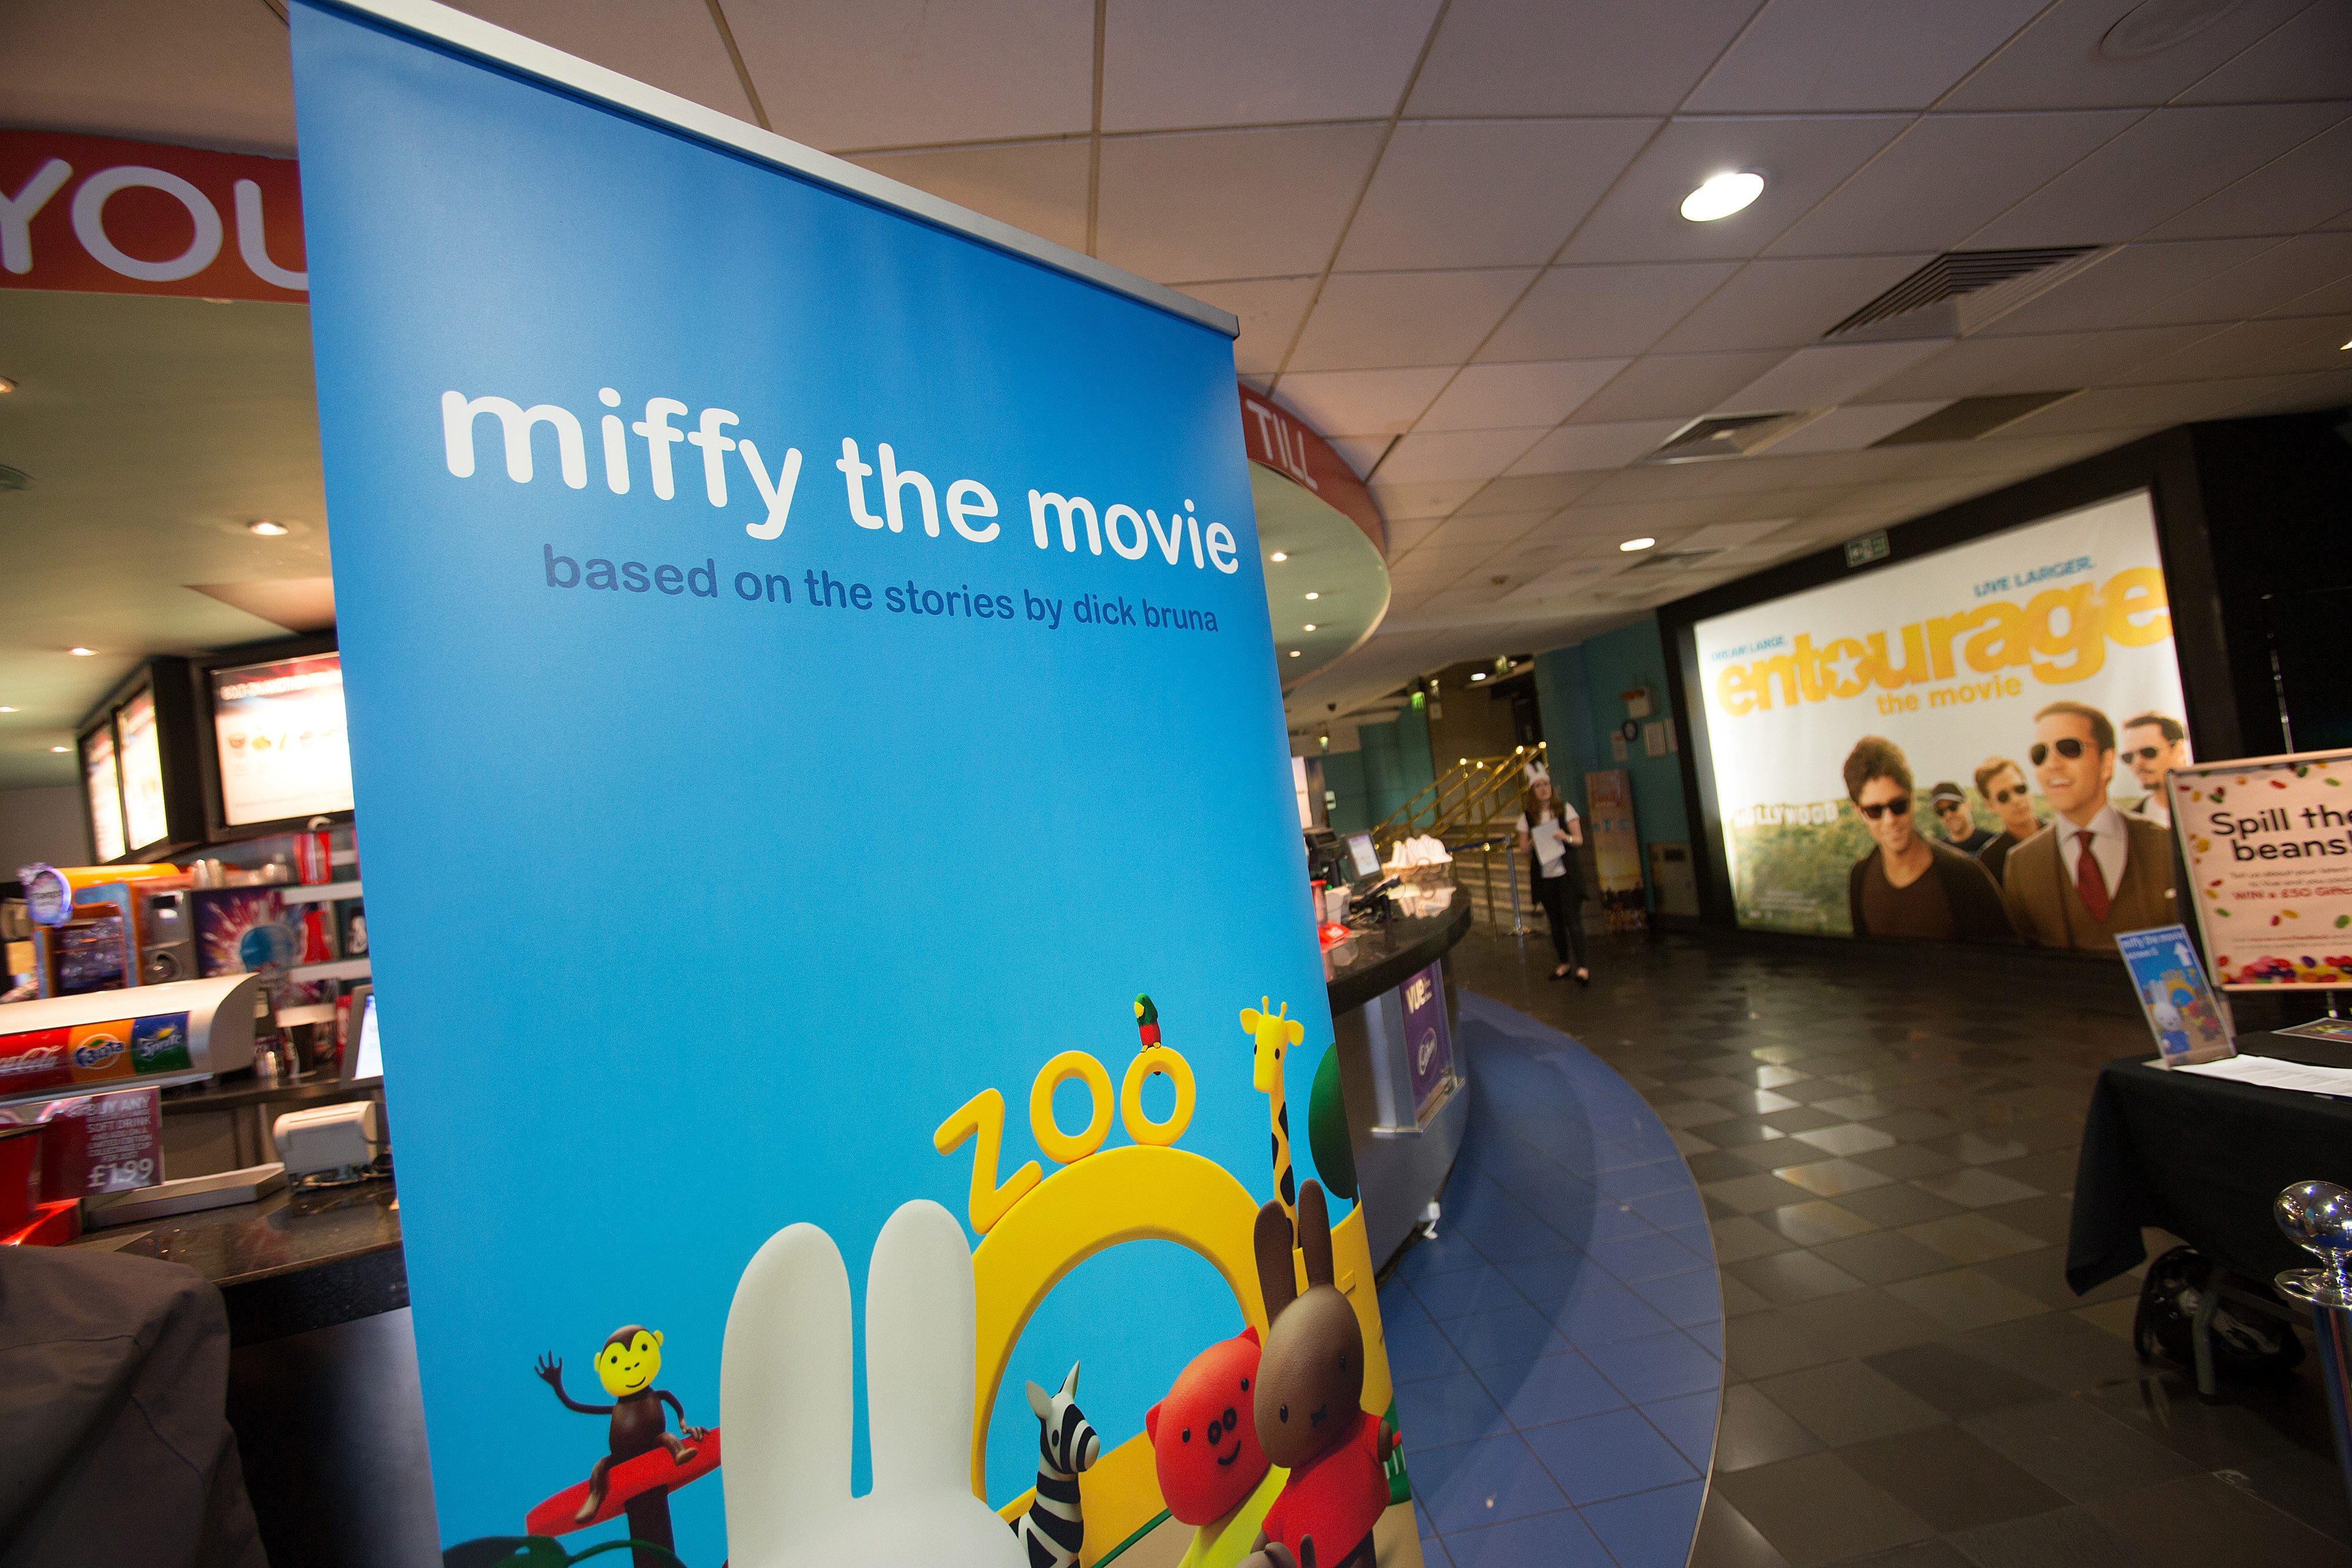 171250 swns miffy movie 5 a38cf4 original 1434912780